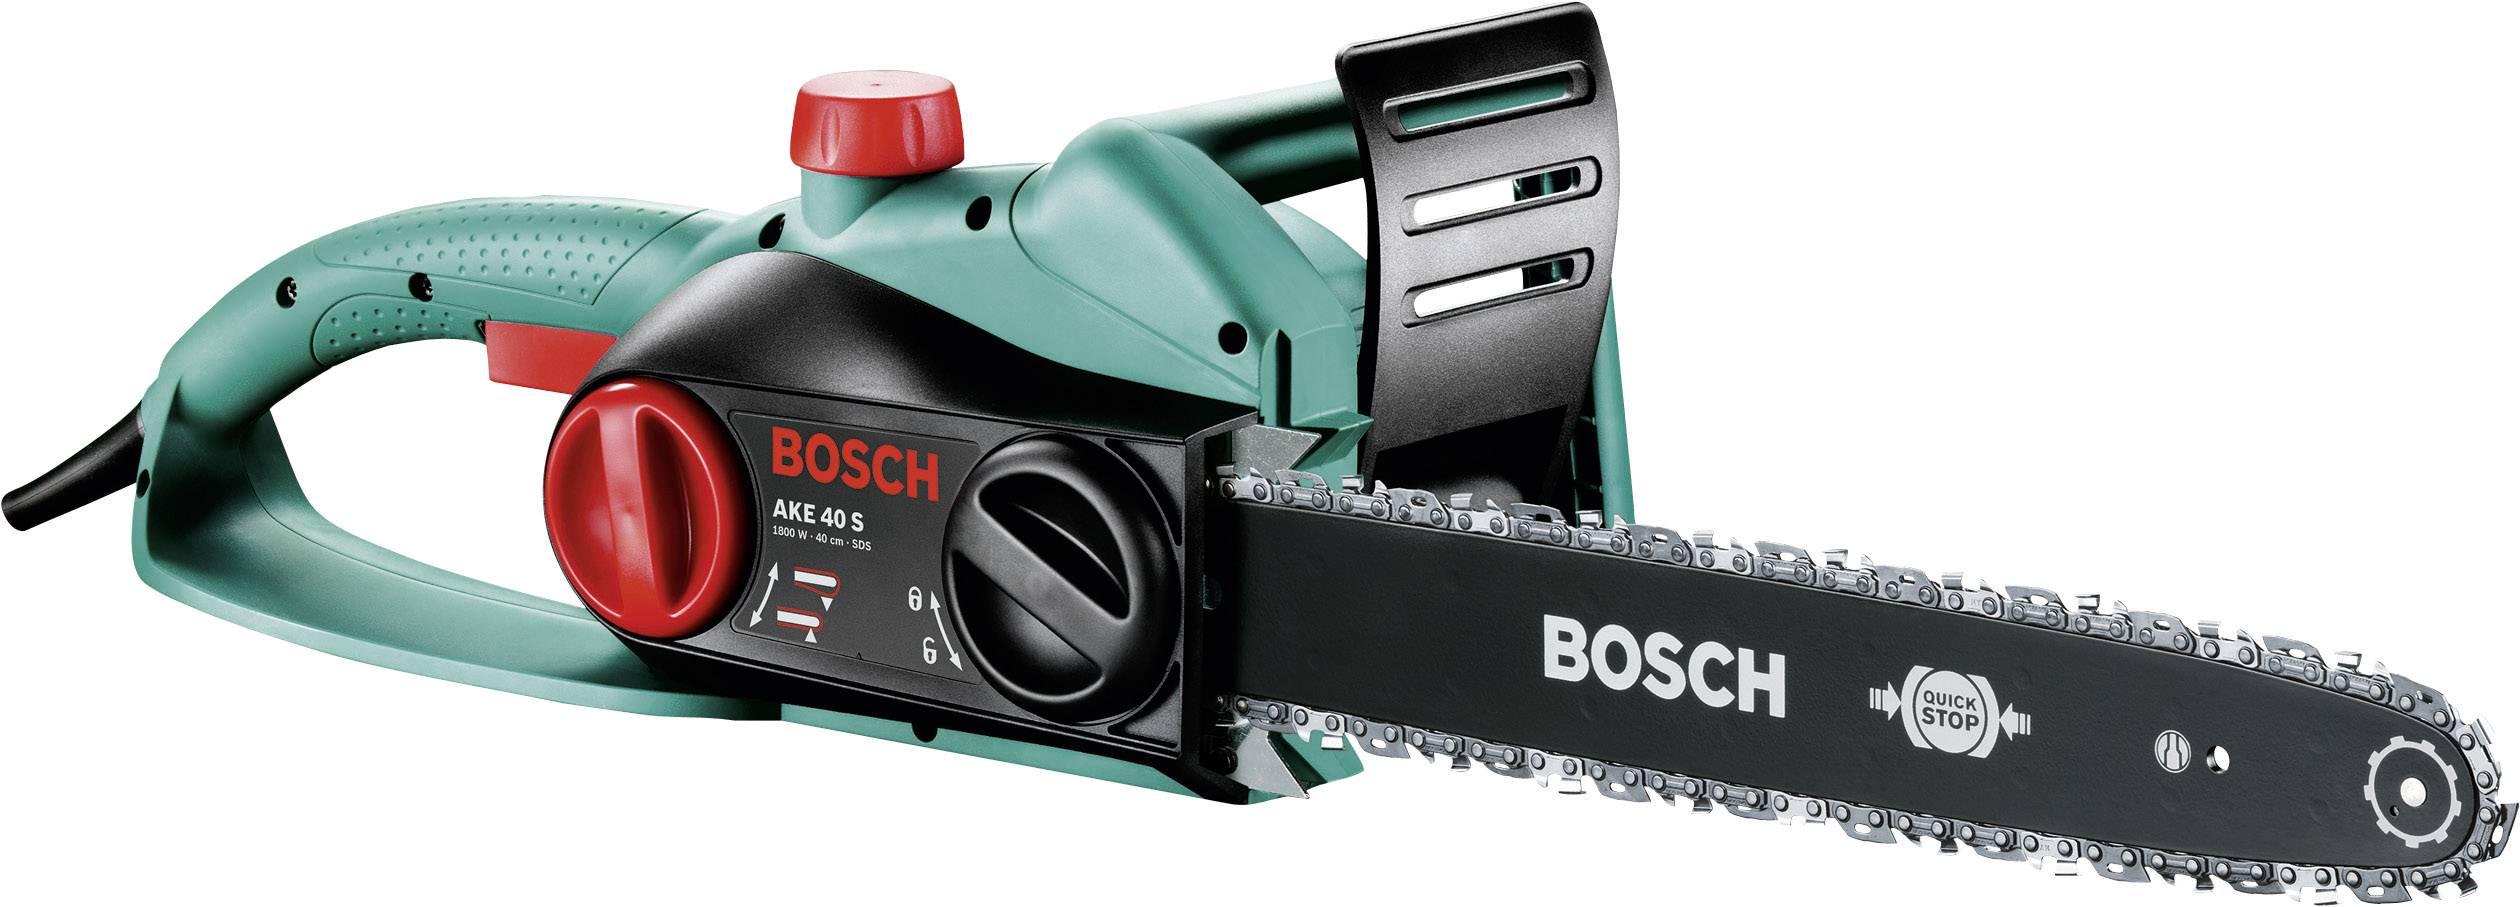 Elektrická řetězová pila Bosch Home and Garden AKE 40 S, 230 V, 1800 W, délka čepele 400 mm